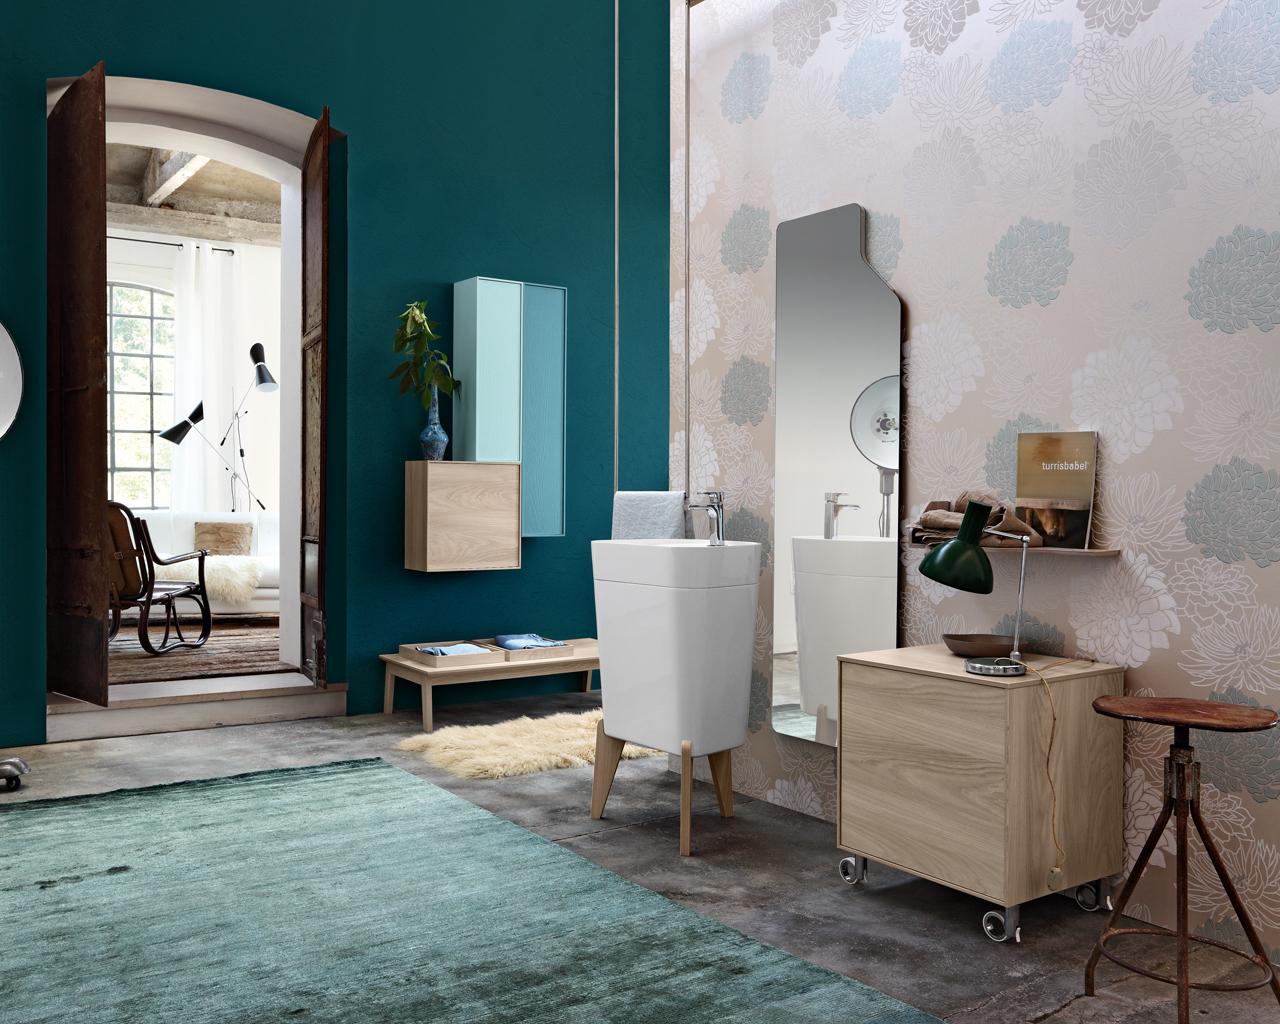 Una stanza da bagno vintage in stile anni 50 - Stanza da bagno ...